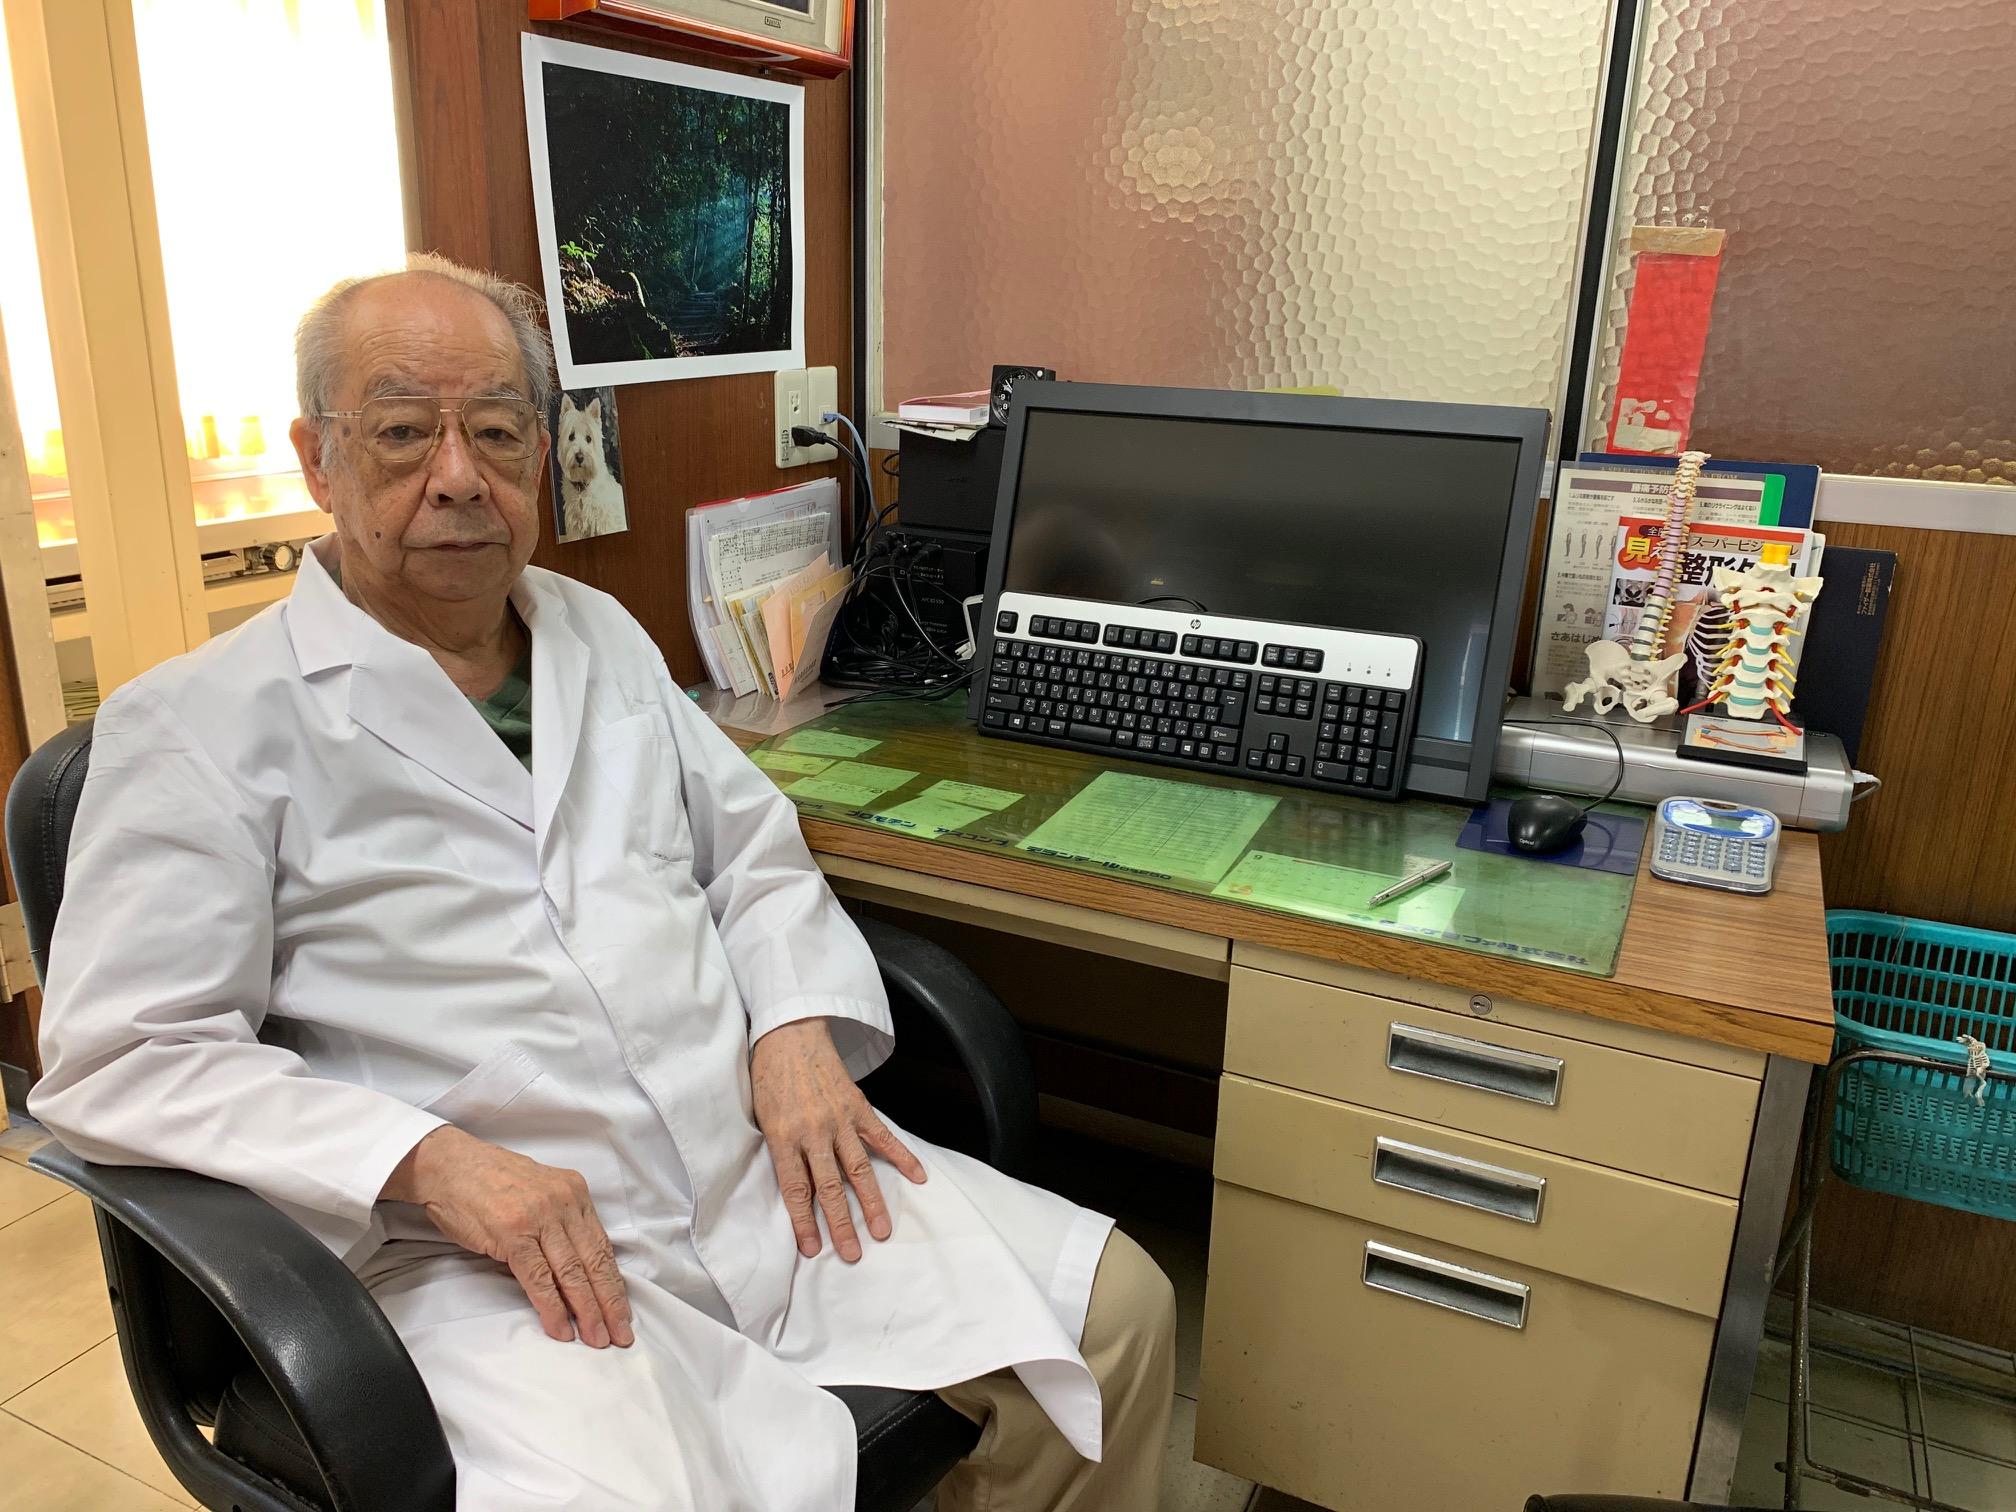 外科 吉田 整形 医療法人 慈和会